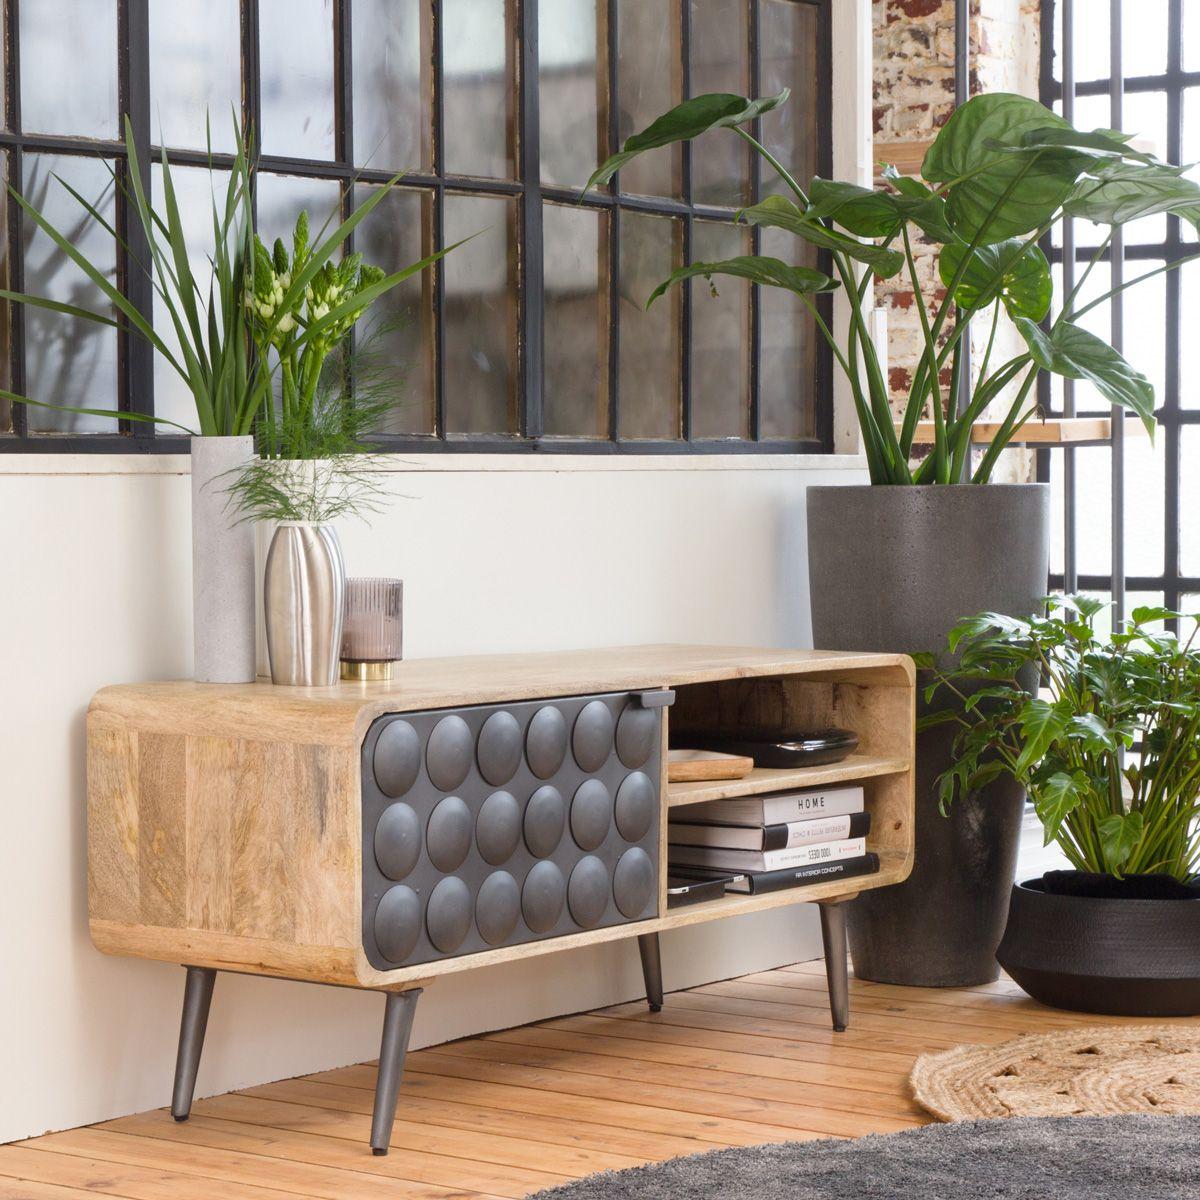 Meuble Tv Retro Rond Gris 1 Porte Meuble Tv Mobilier De Salon Meuble En Pin